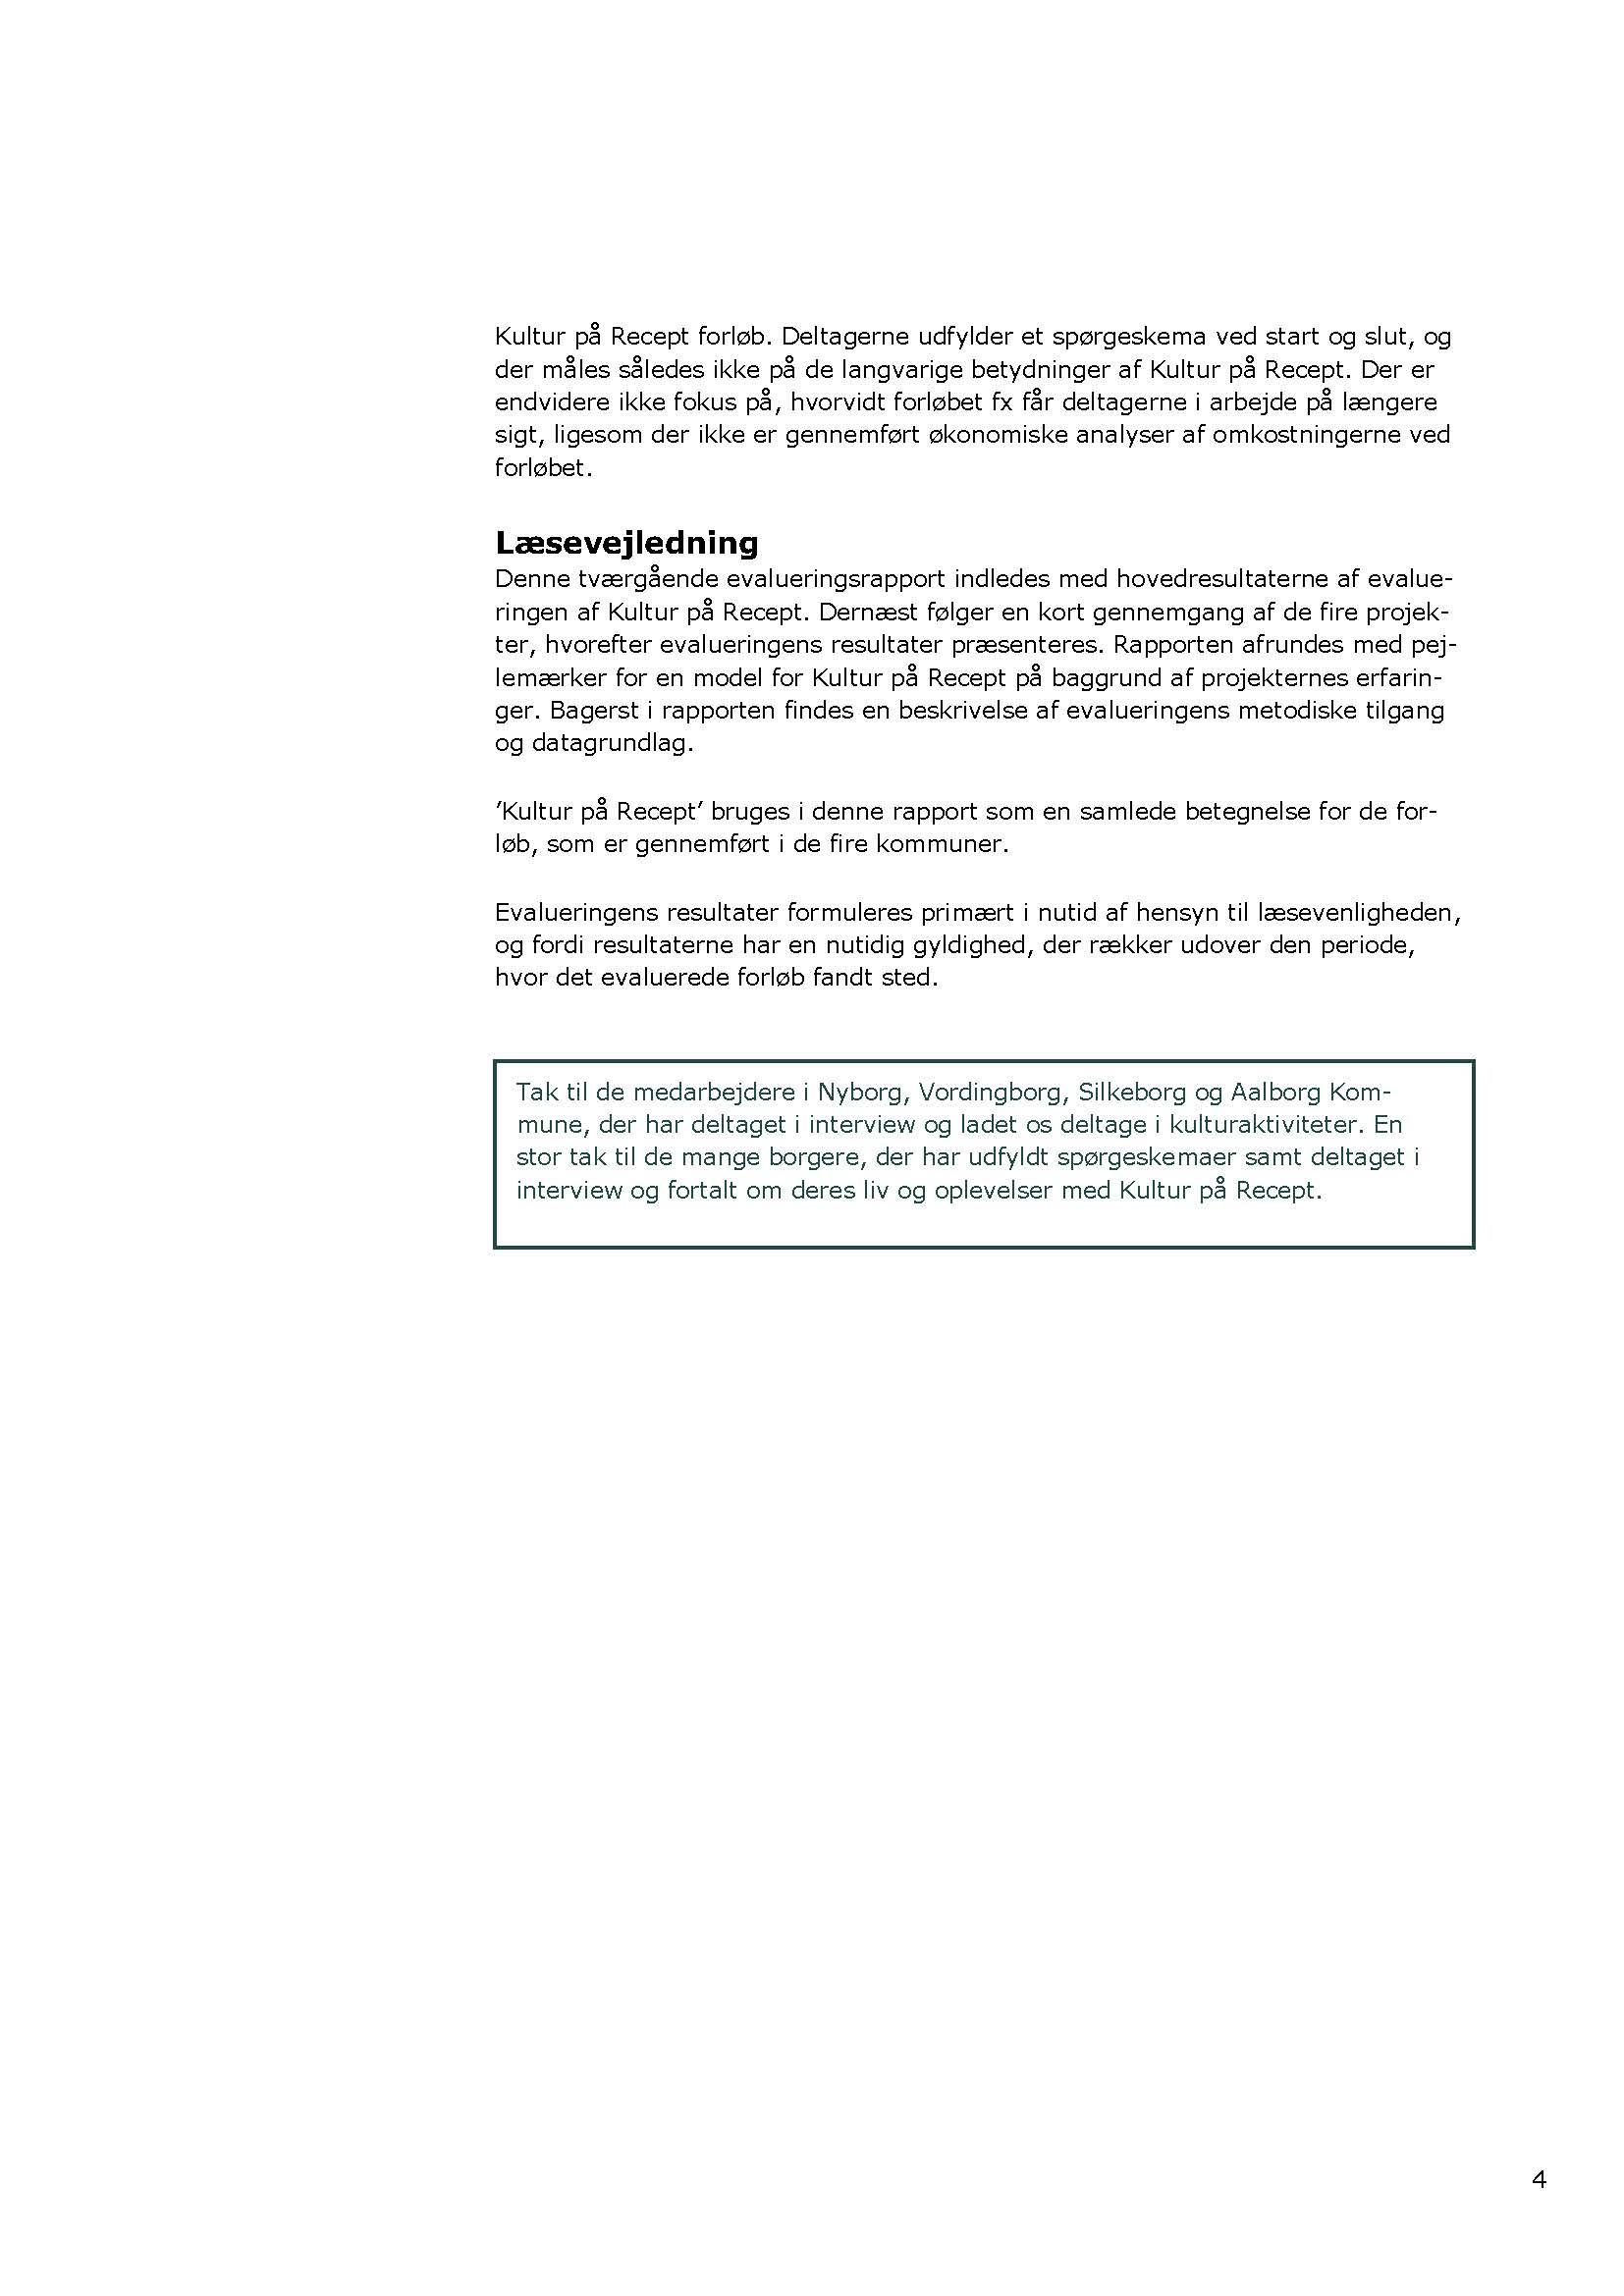 Kultur-paa-recept_tvaergaaende-evaluering_foraar-2020_Page_04